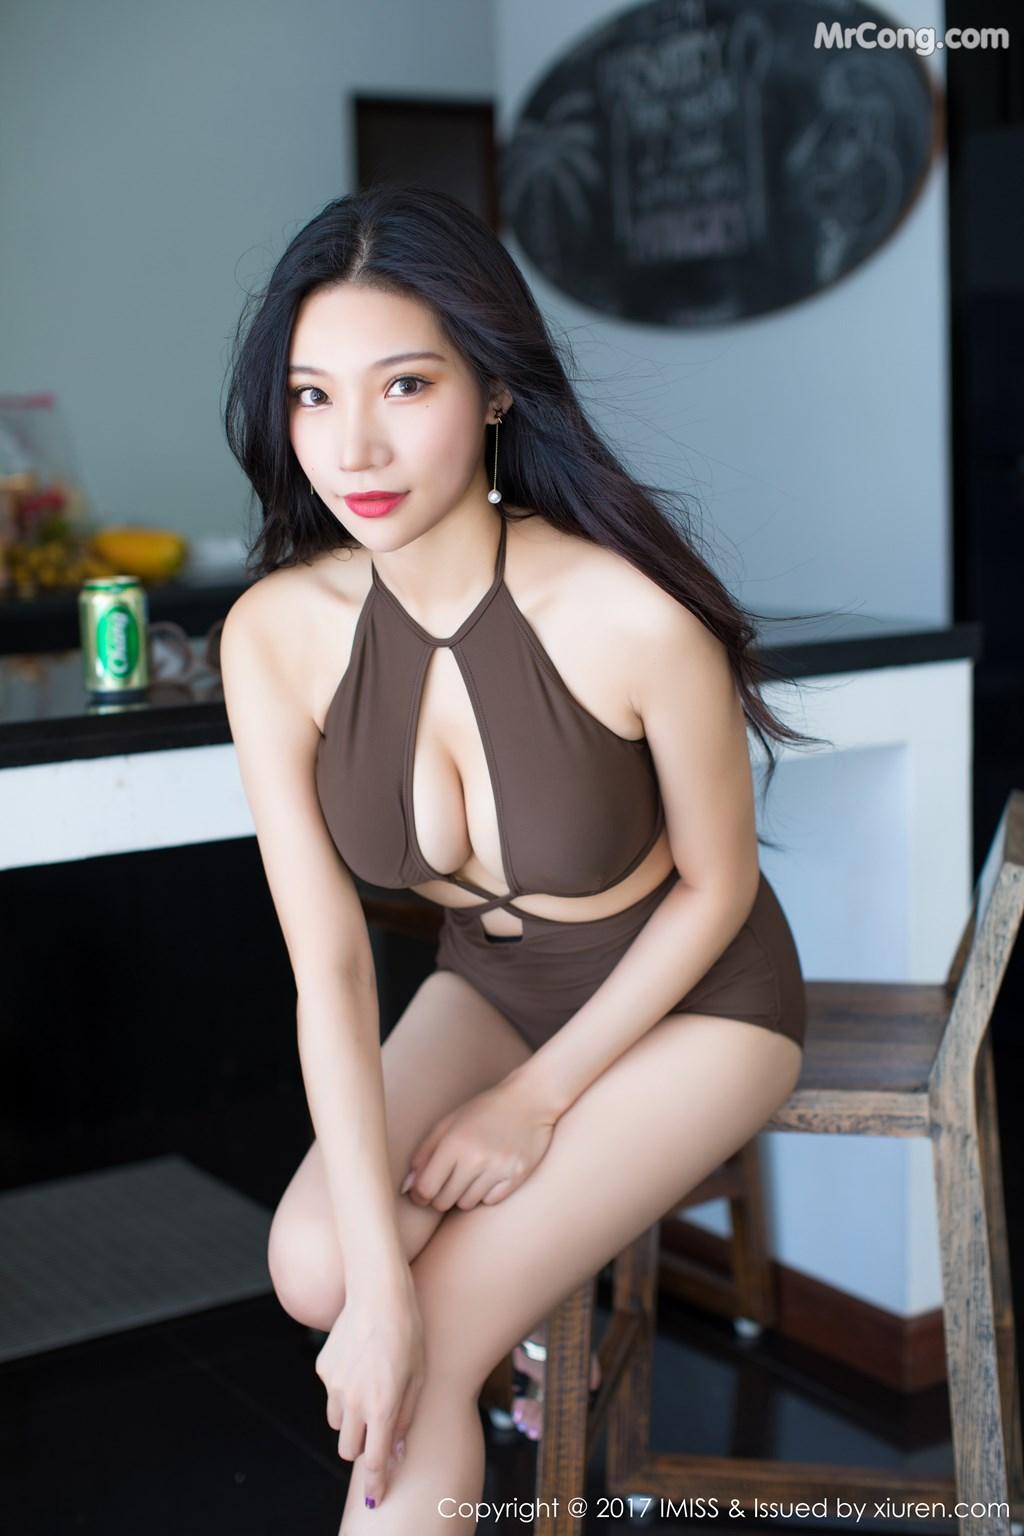 Image IMISS-Vol.202-Xiao-Hu-Li-Sica-MrCong.com-007 in post IMISS Vol.202: Người mẫu Xiao Hu Li (小狐狸Sica) (67 ảnh)